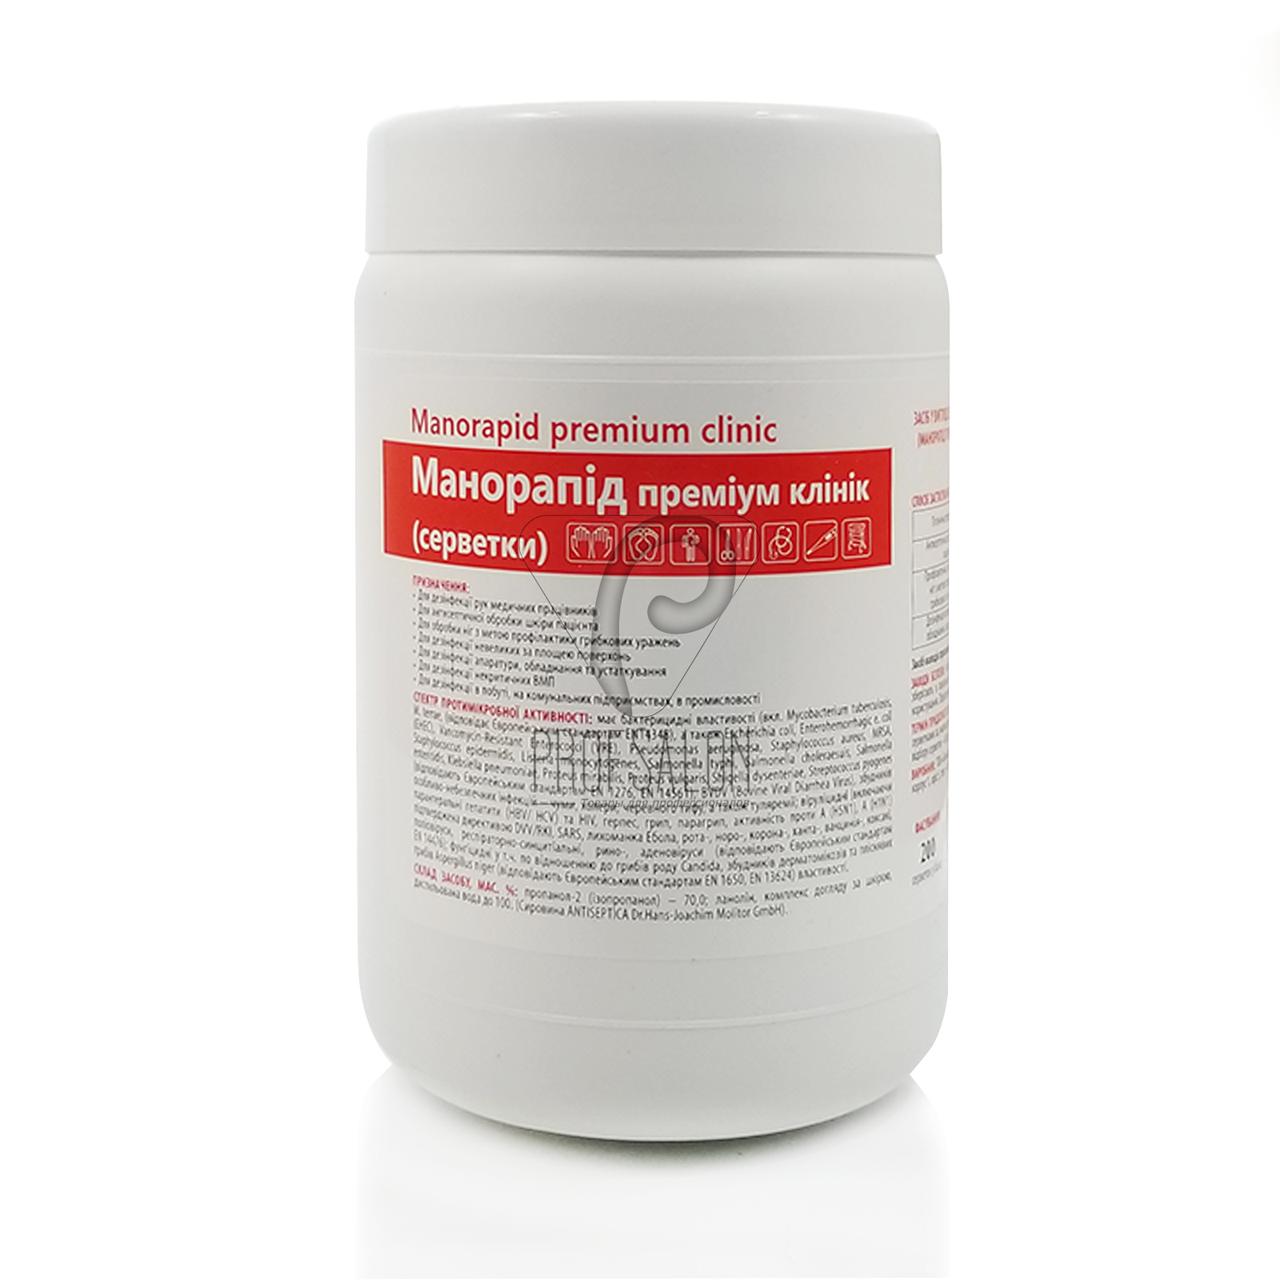 Манорапид премиум клиник, 200 шт, салфетки для гигиенической обработки кожи и дезинфекции медицинских изделий